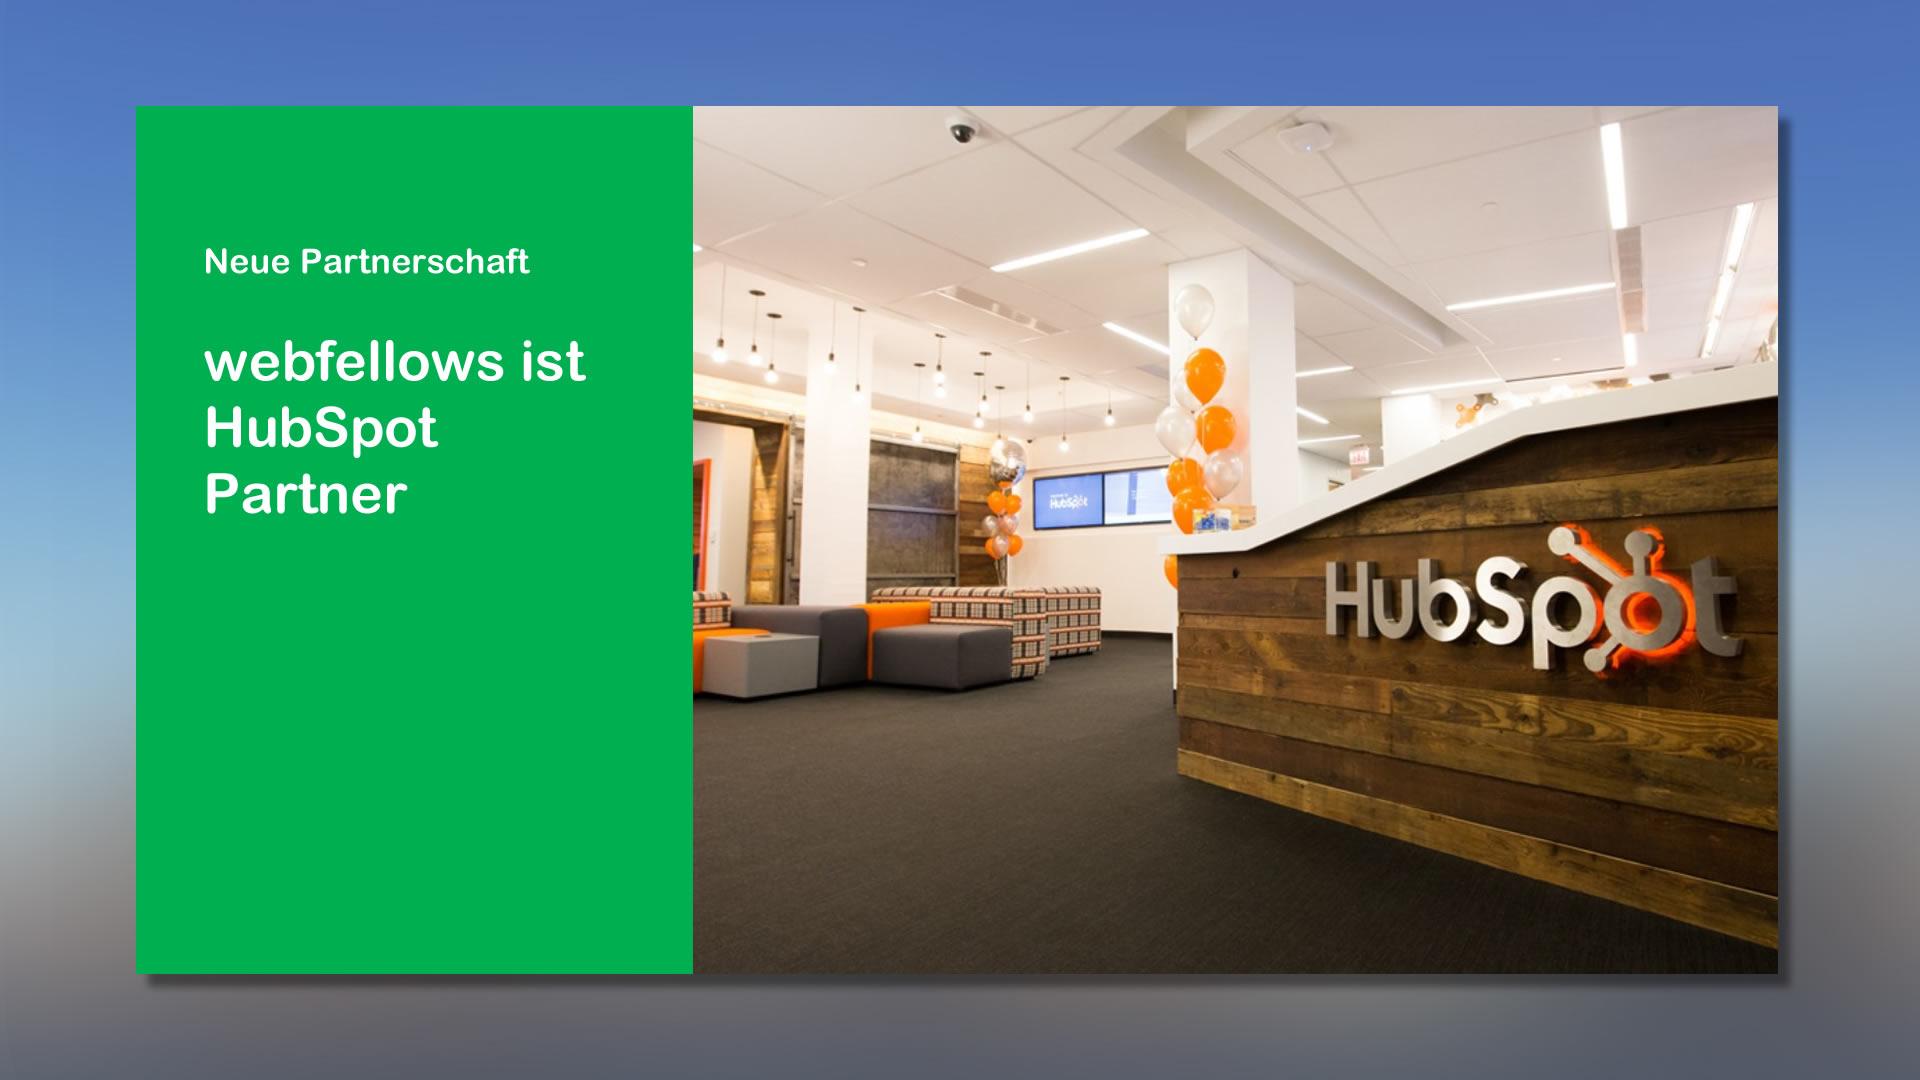 webfellows ist HubSpot Partner